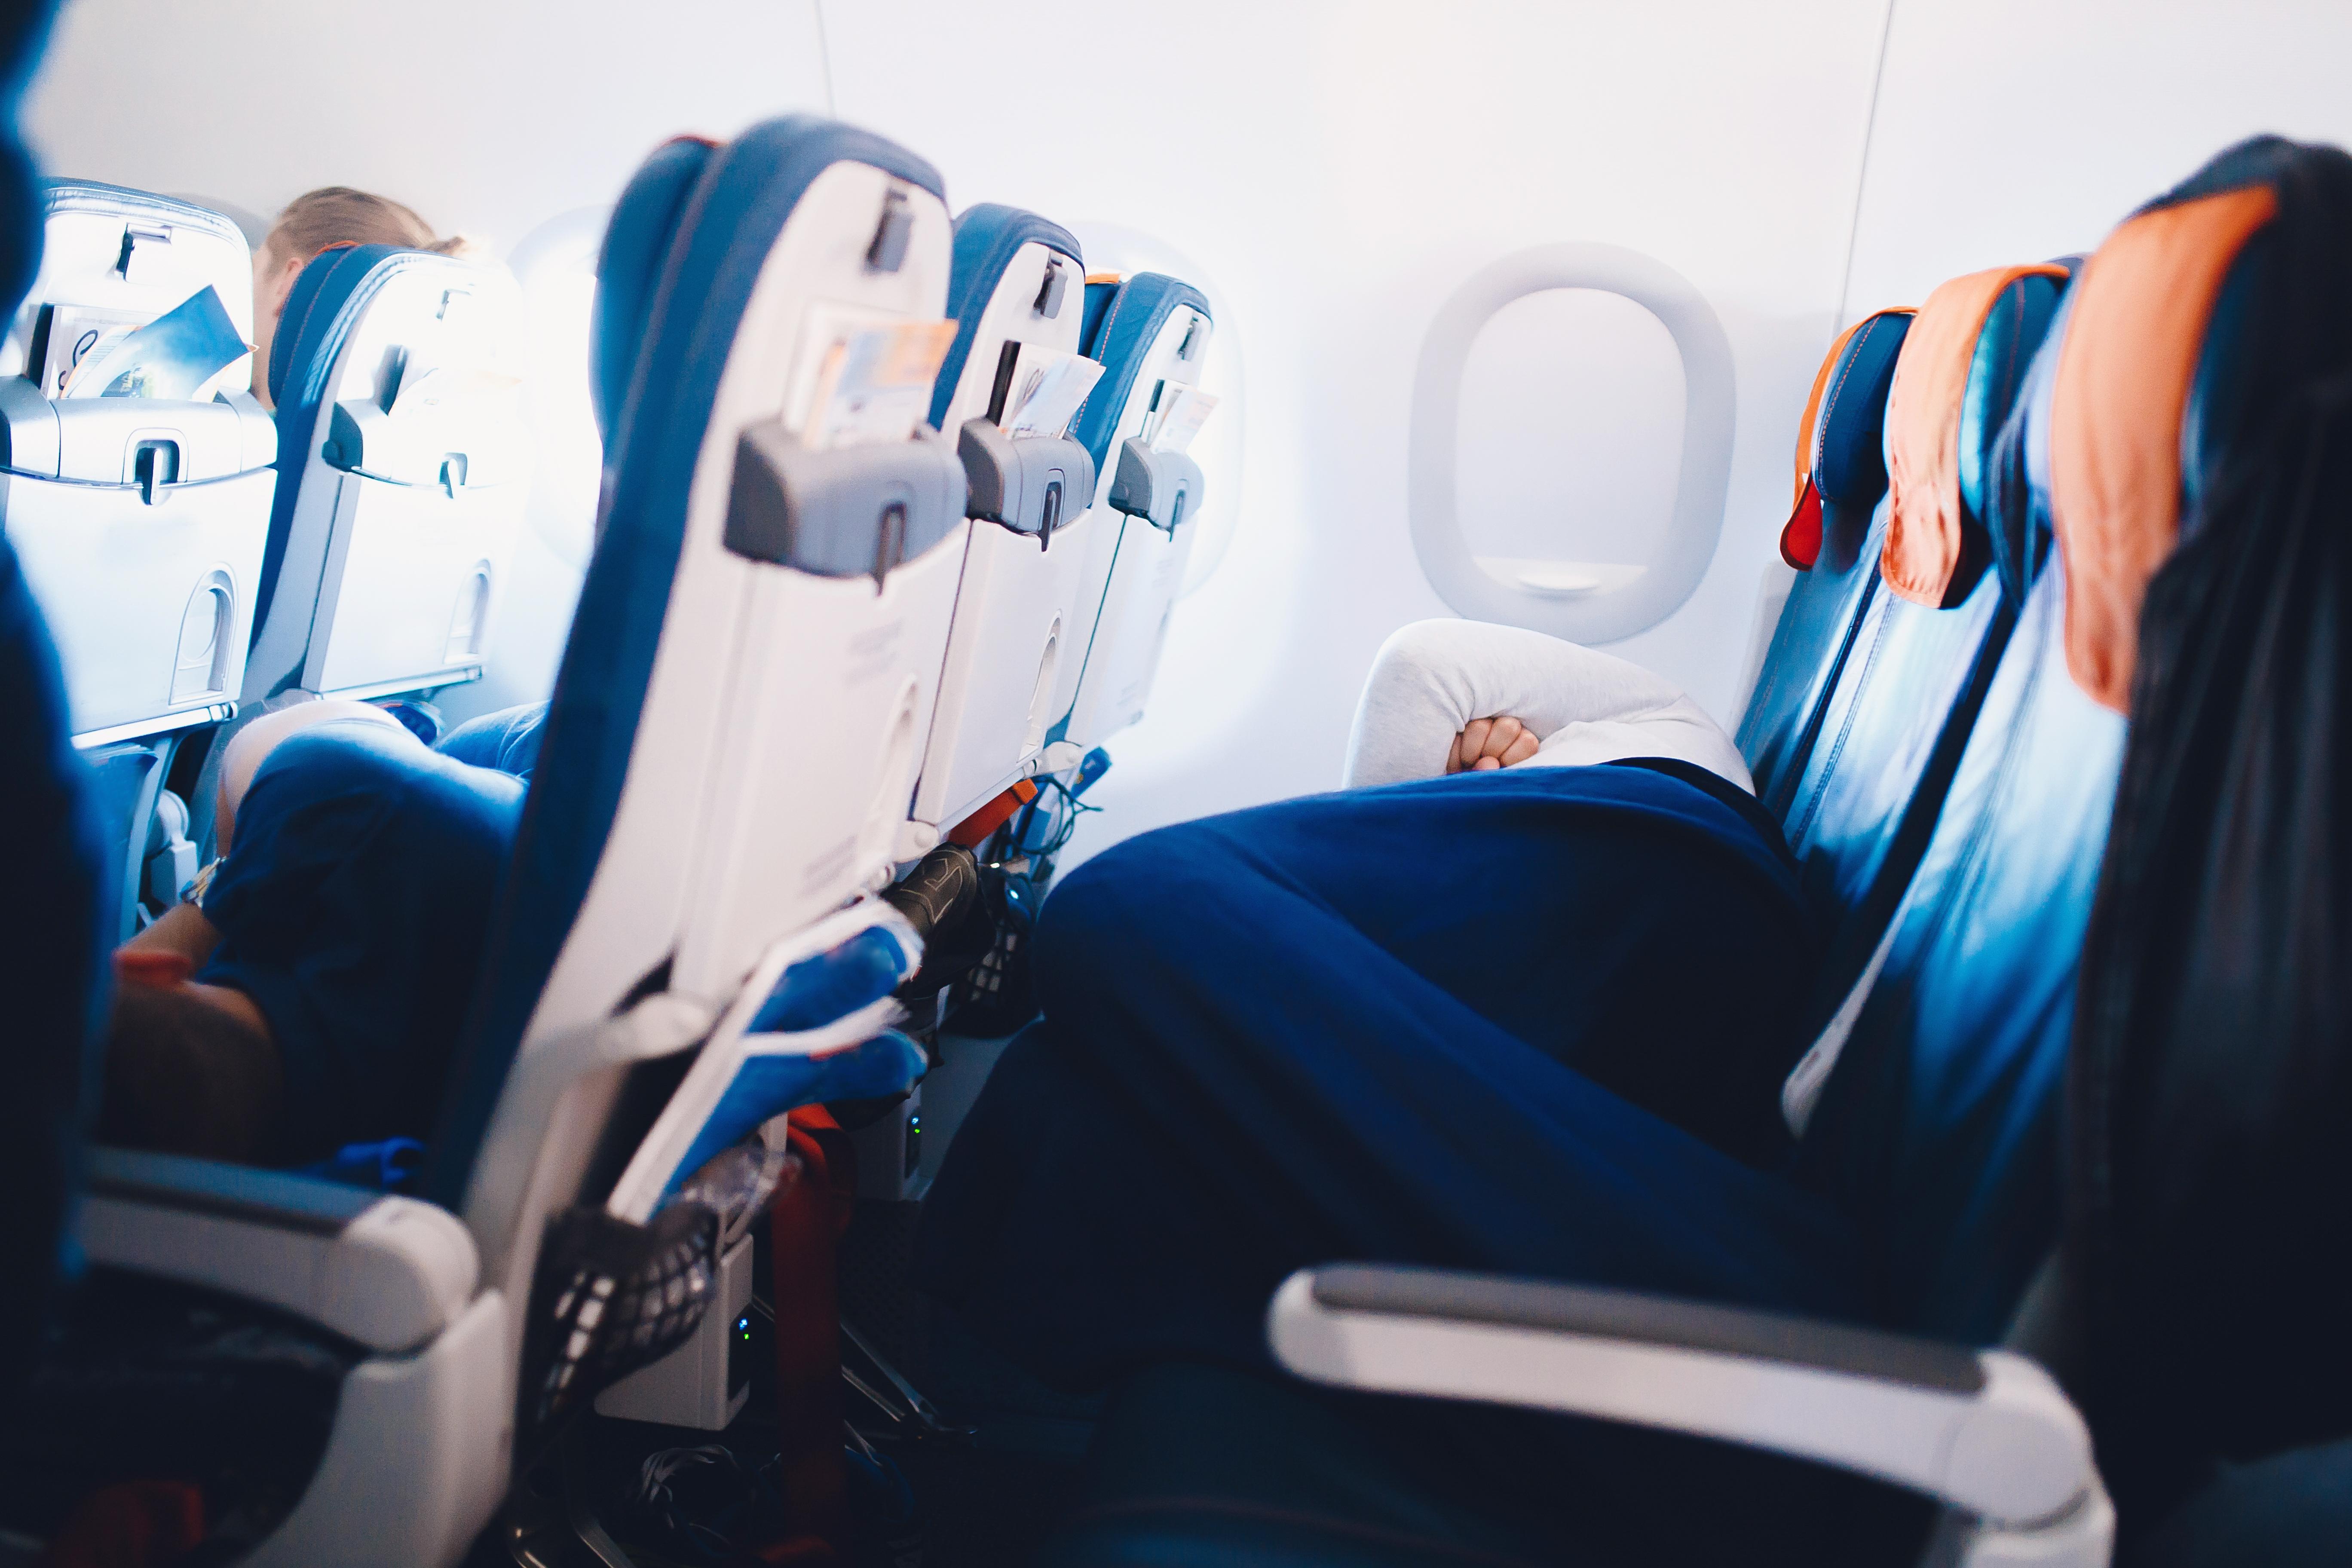 7 consejos para sobrevivir a una vuelo largo 01